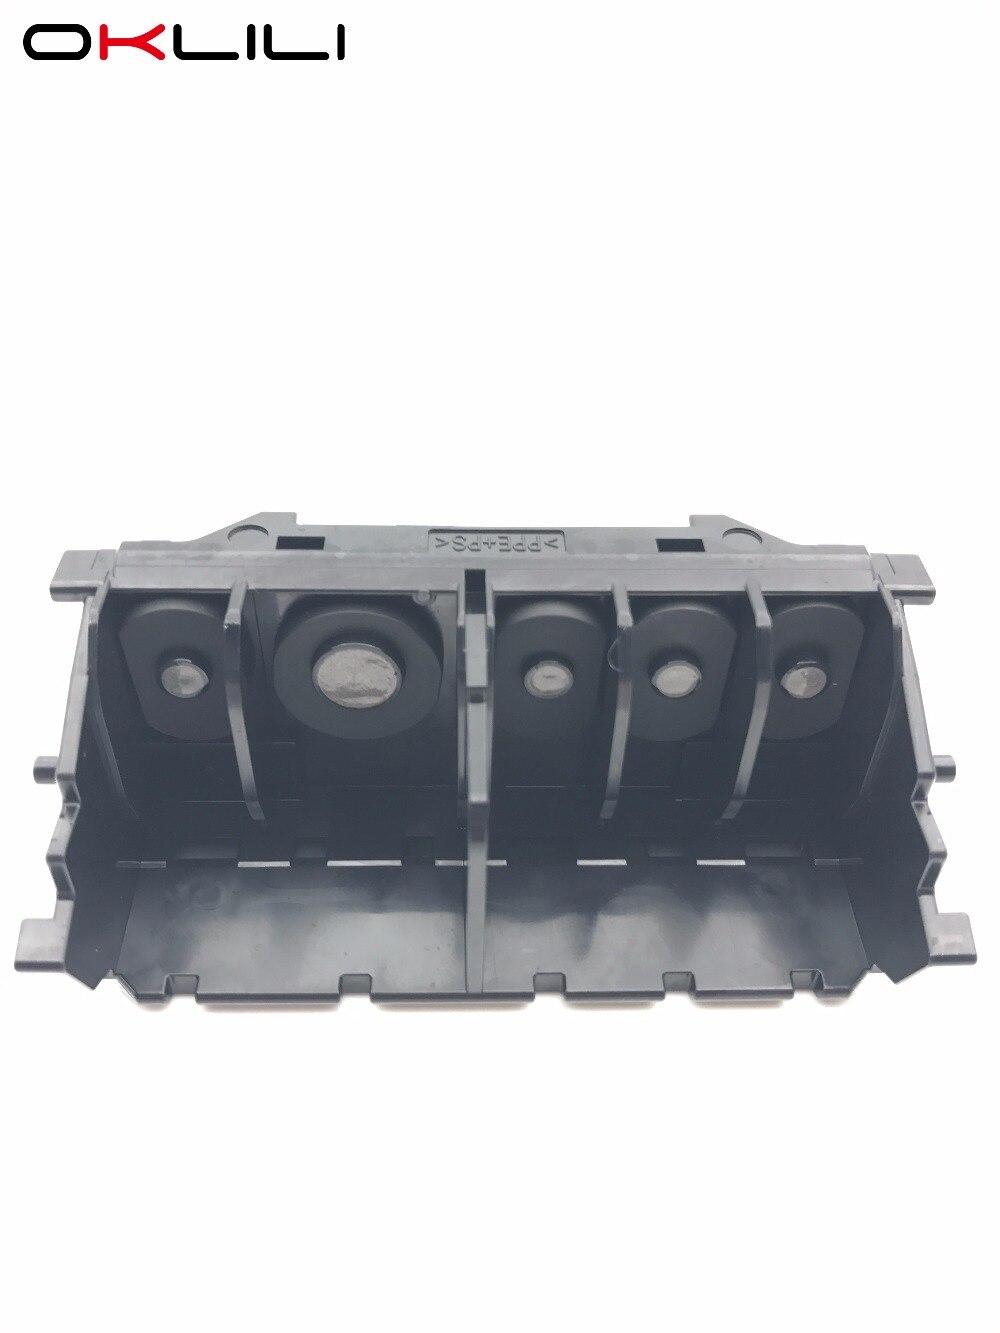 QY6-0082 Tête D'impression Tête d'impression pour Canon MG5520 MG5540 MG5550 MG5650 MG5740 MG5750 MG6440 MG6600 MG6420 MG6450 MG6640 MG6650 - 3